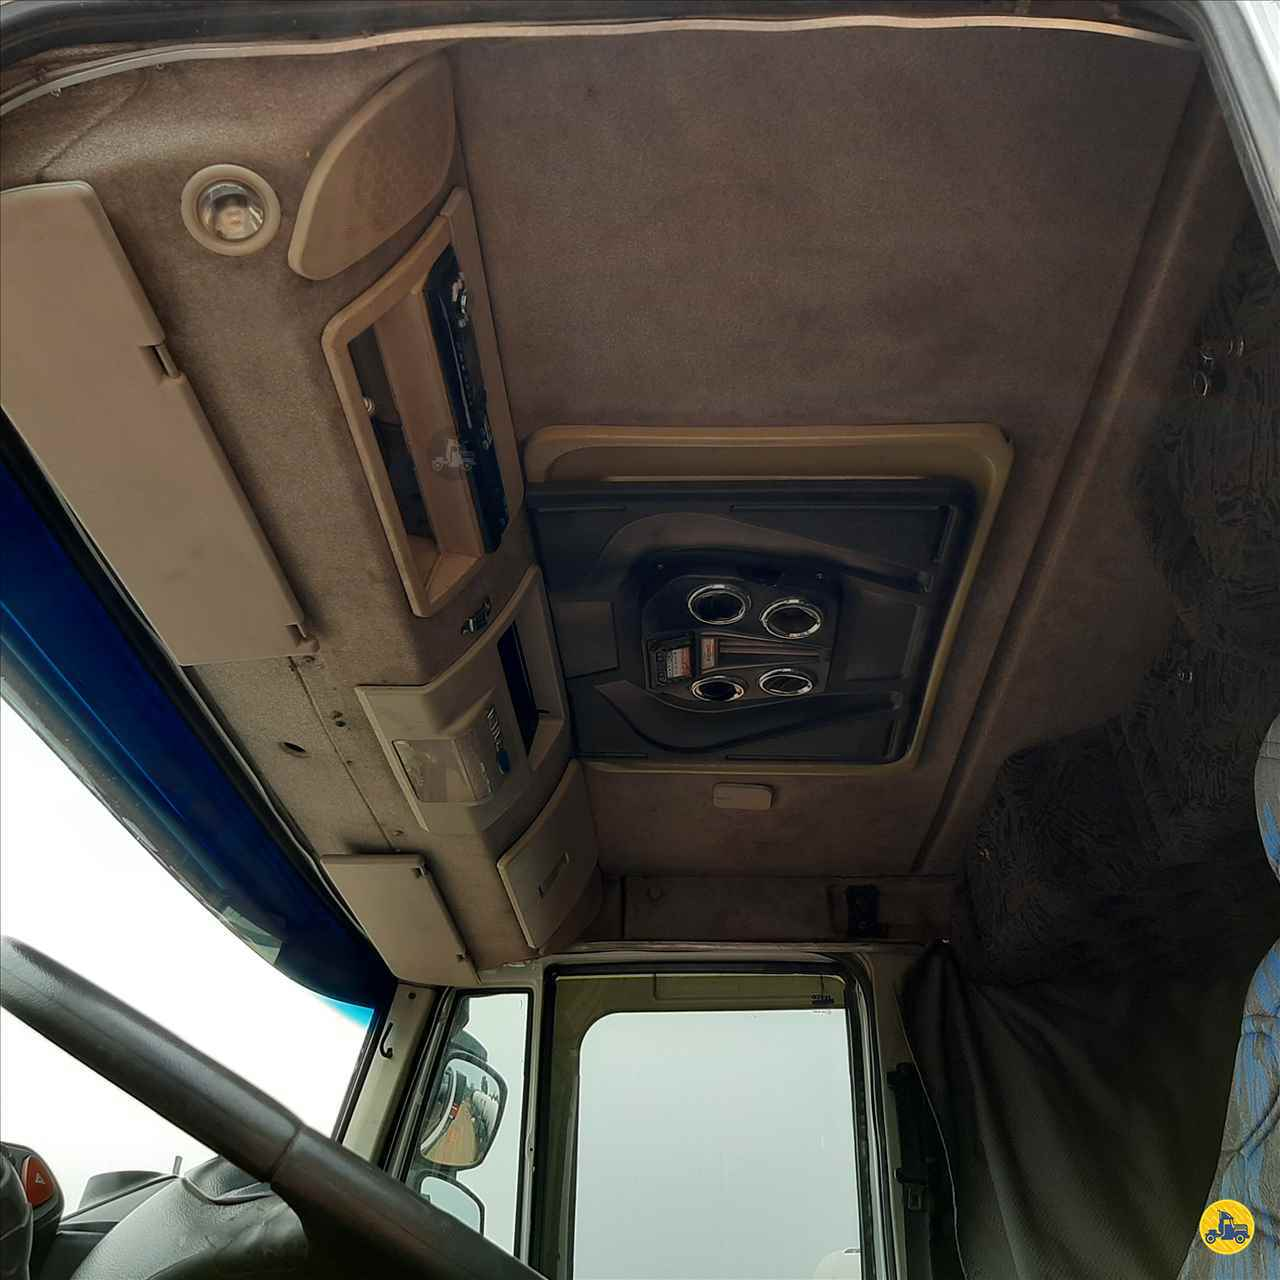 IVECO STRALIS 380 800000km 2008/2009 Megatruck Caminhões e Máquinas